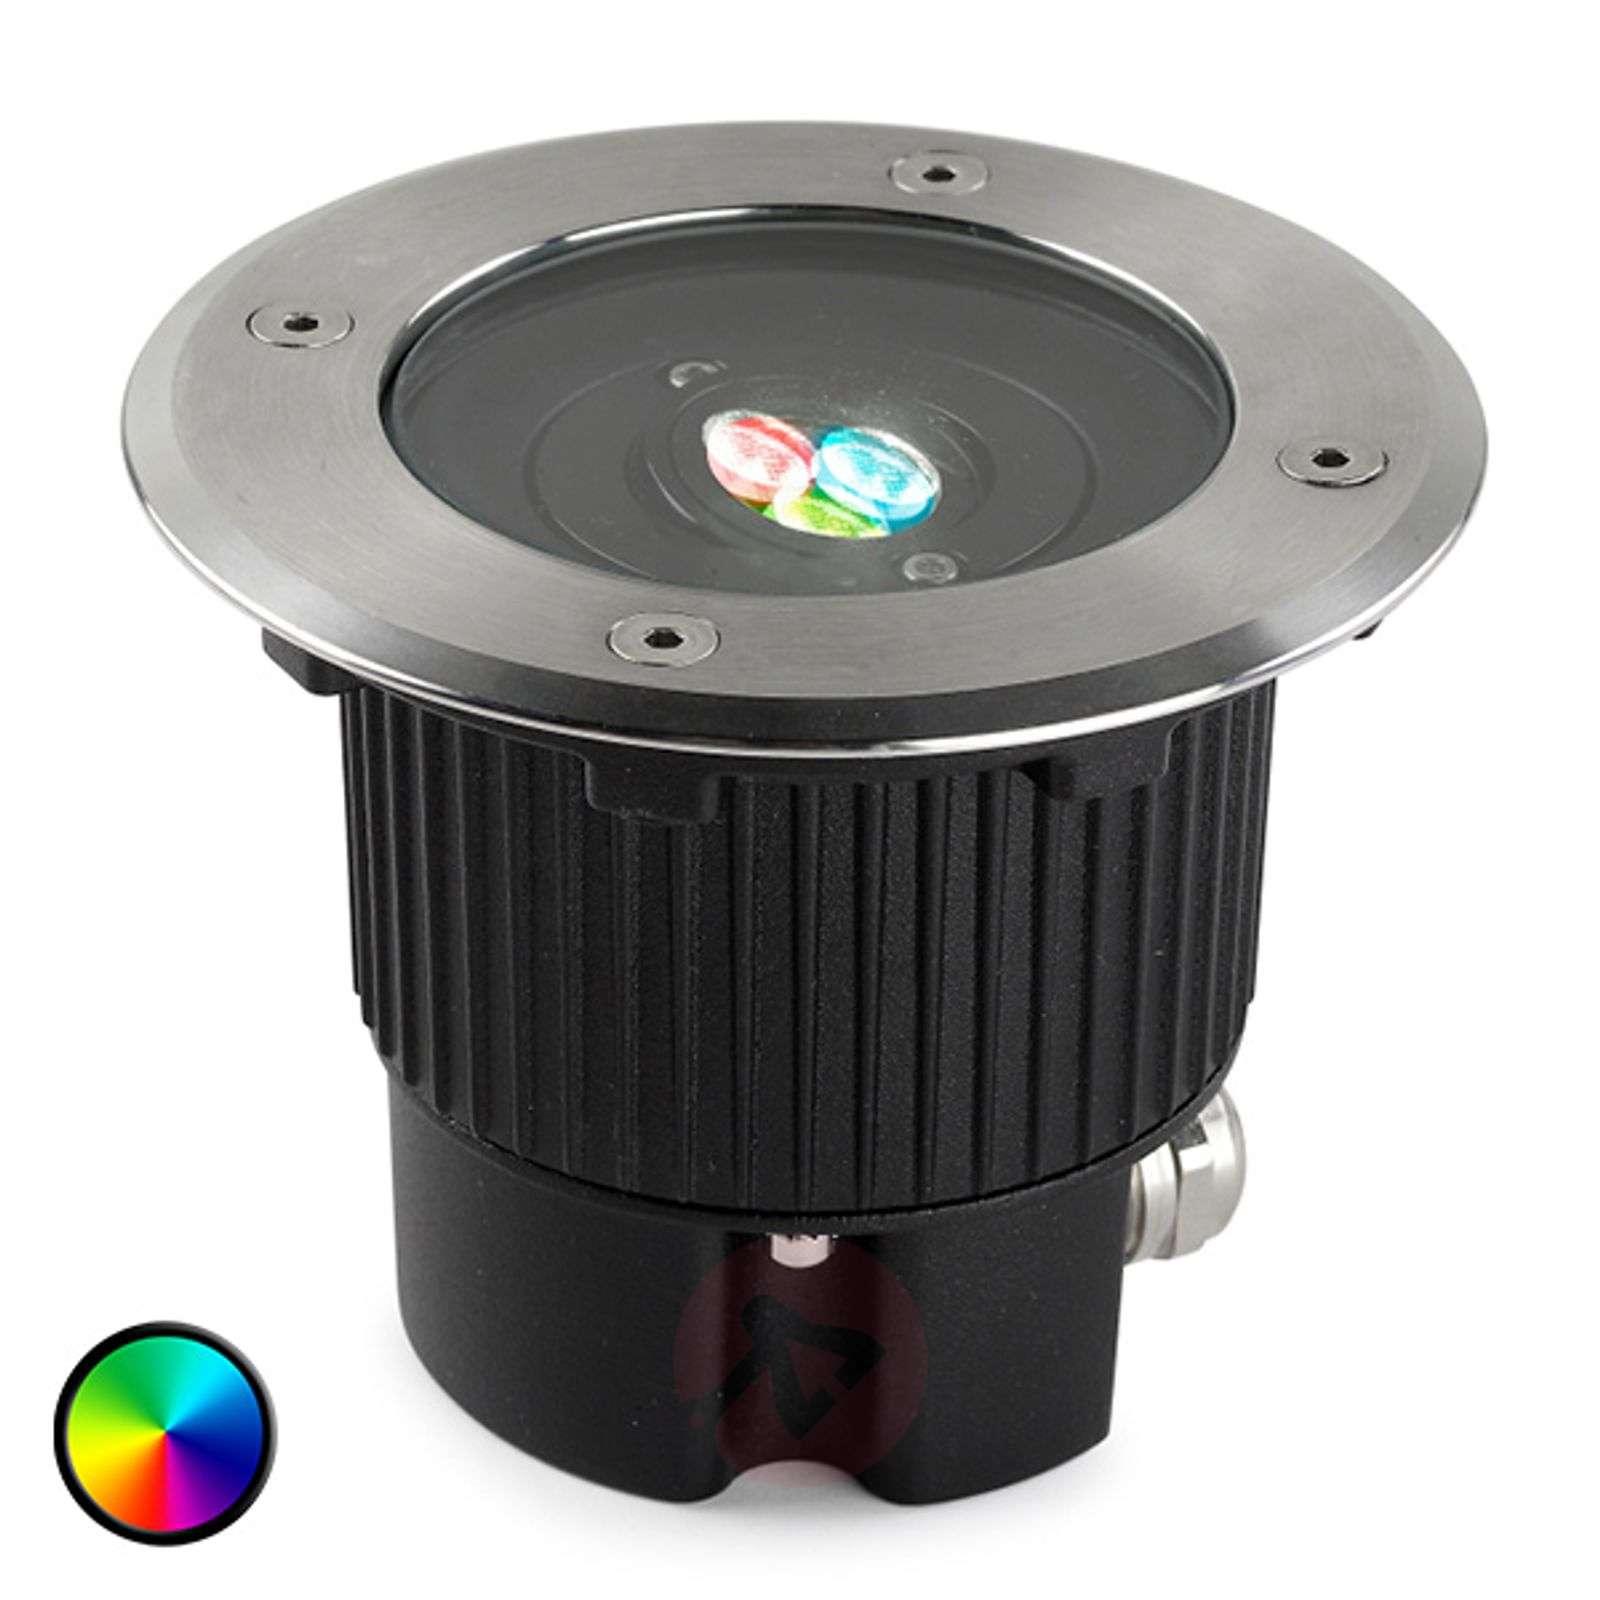 Pyöreä upotettava LED-maavalo GEA värinvaihdolla-6025602-01